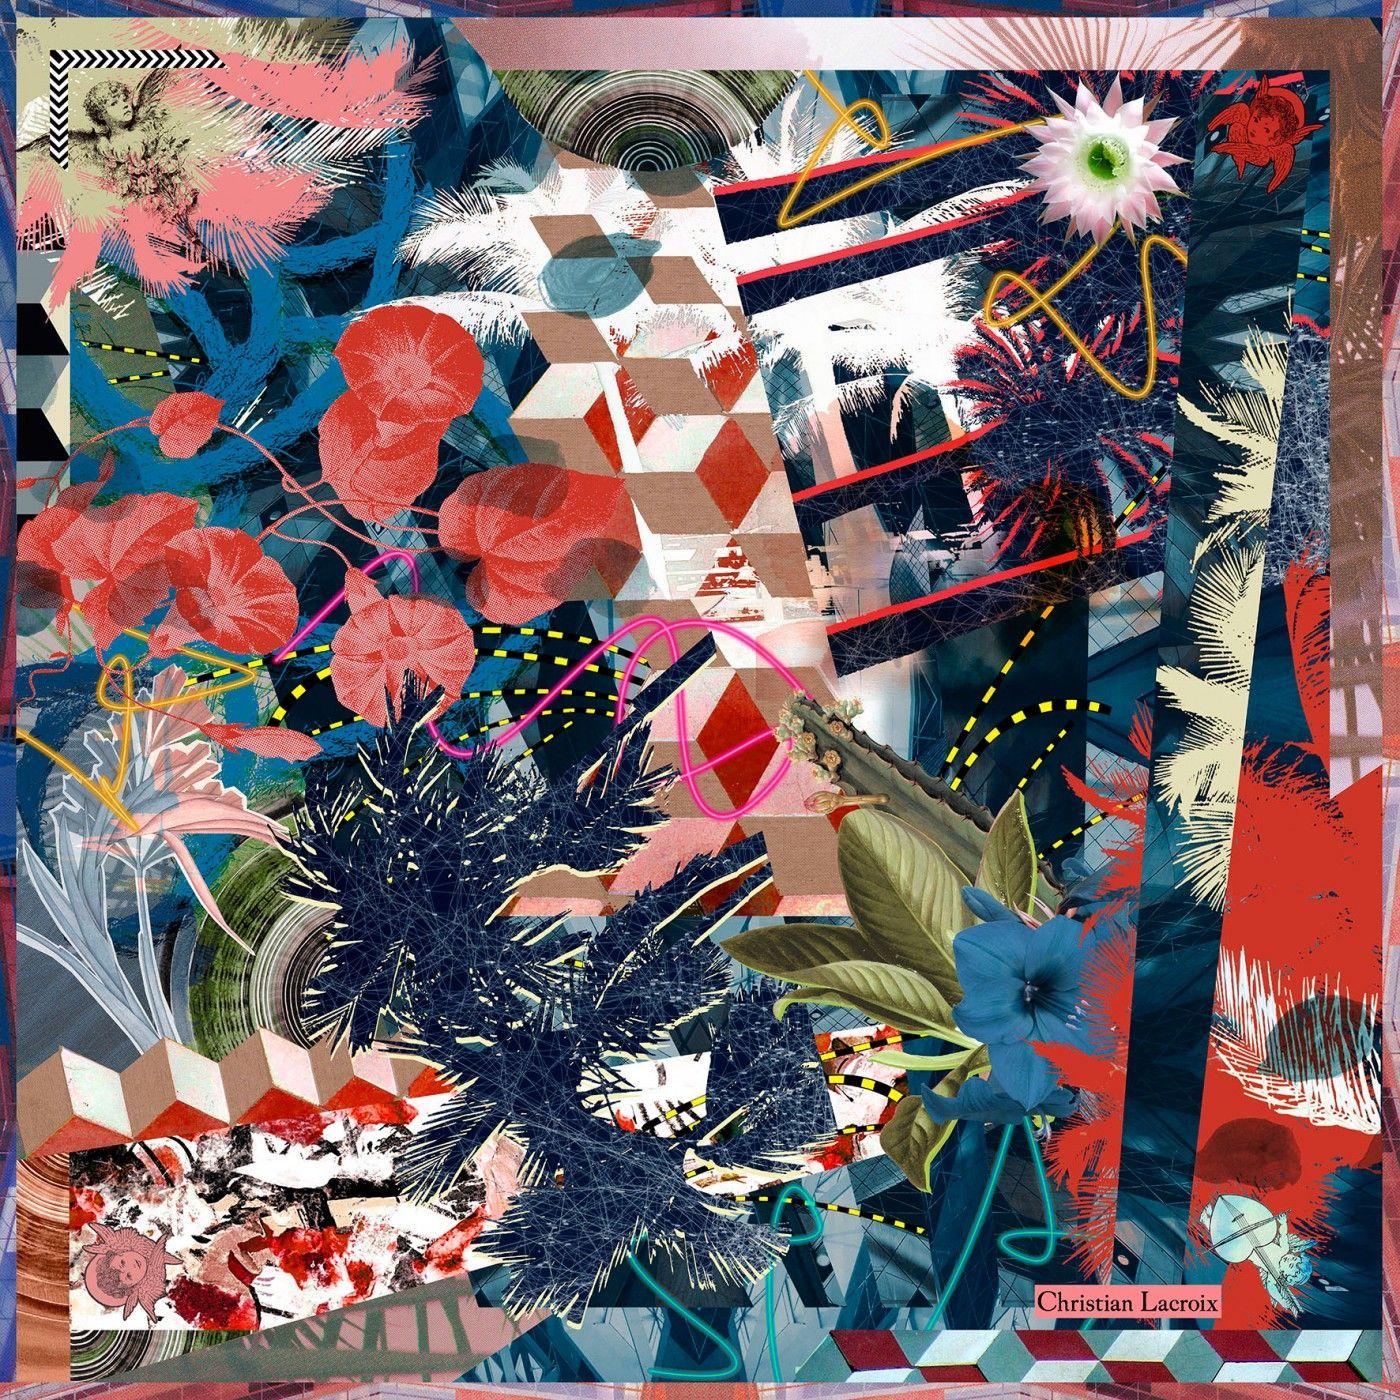 Christian Lacroix - FOULARDS - Accessoires   COLLAGE 2f0e75c268b